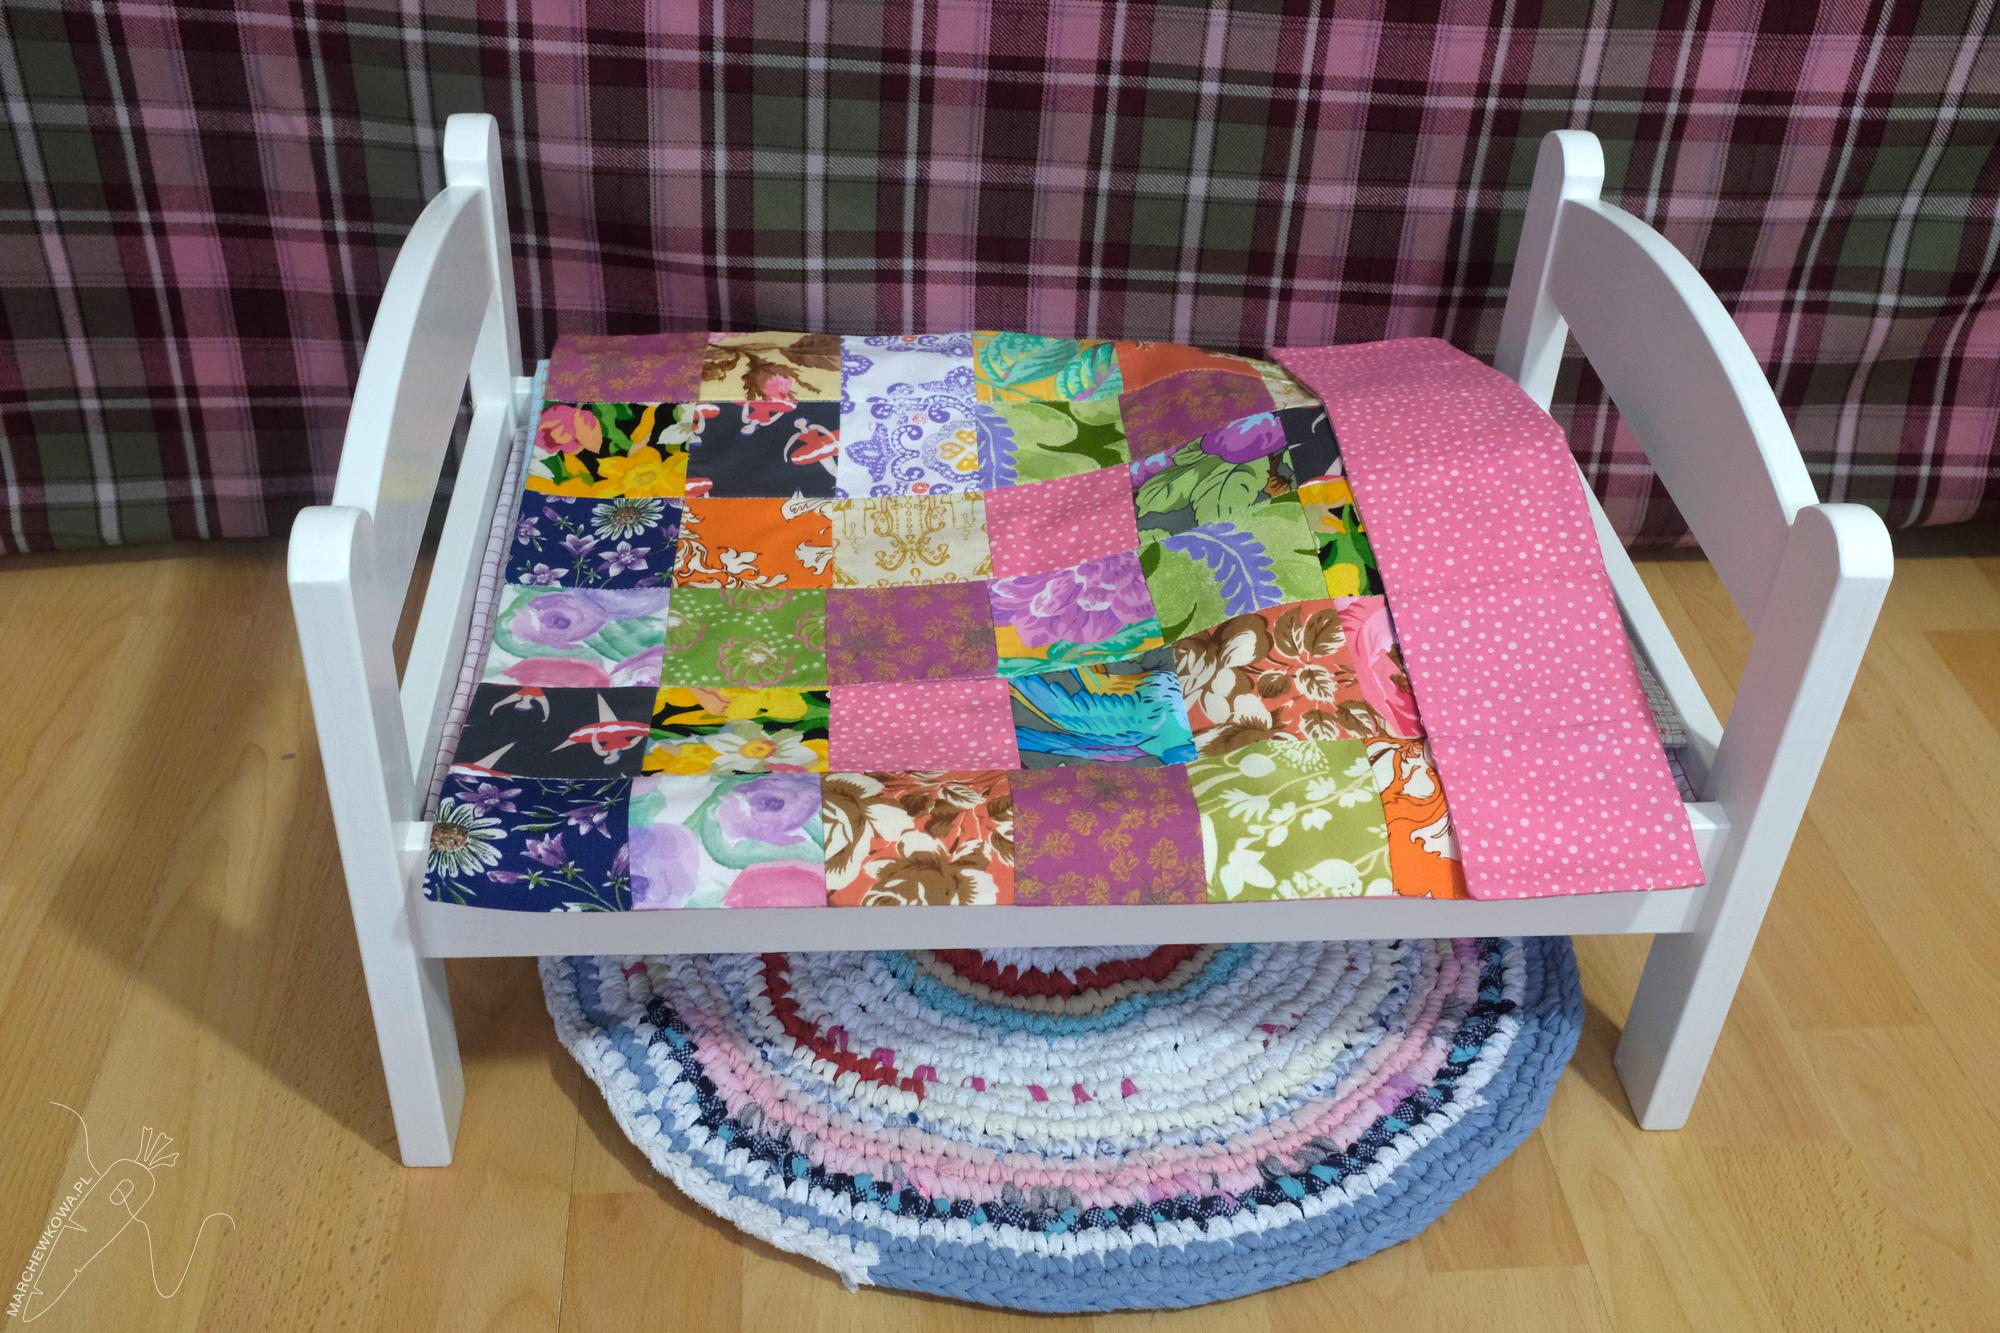 marchewkowa, blog, szycie, sewing, rękodzieło, handmade, zabawki, toys, doll's bed, łóżeczko dla lalki, pościel, patchwork, kocyk